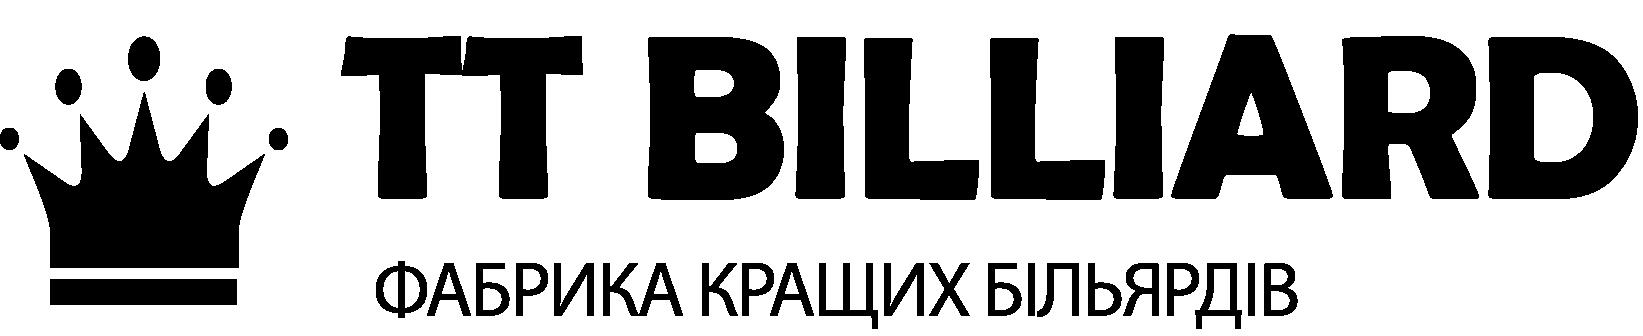 Все для бильярда в Киеве – купить оборудование для бильярда в Украине, низкая цена | Фабрика бильярда TT-Billiard